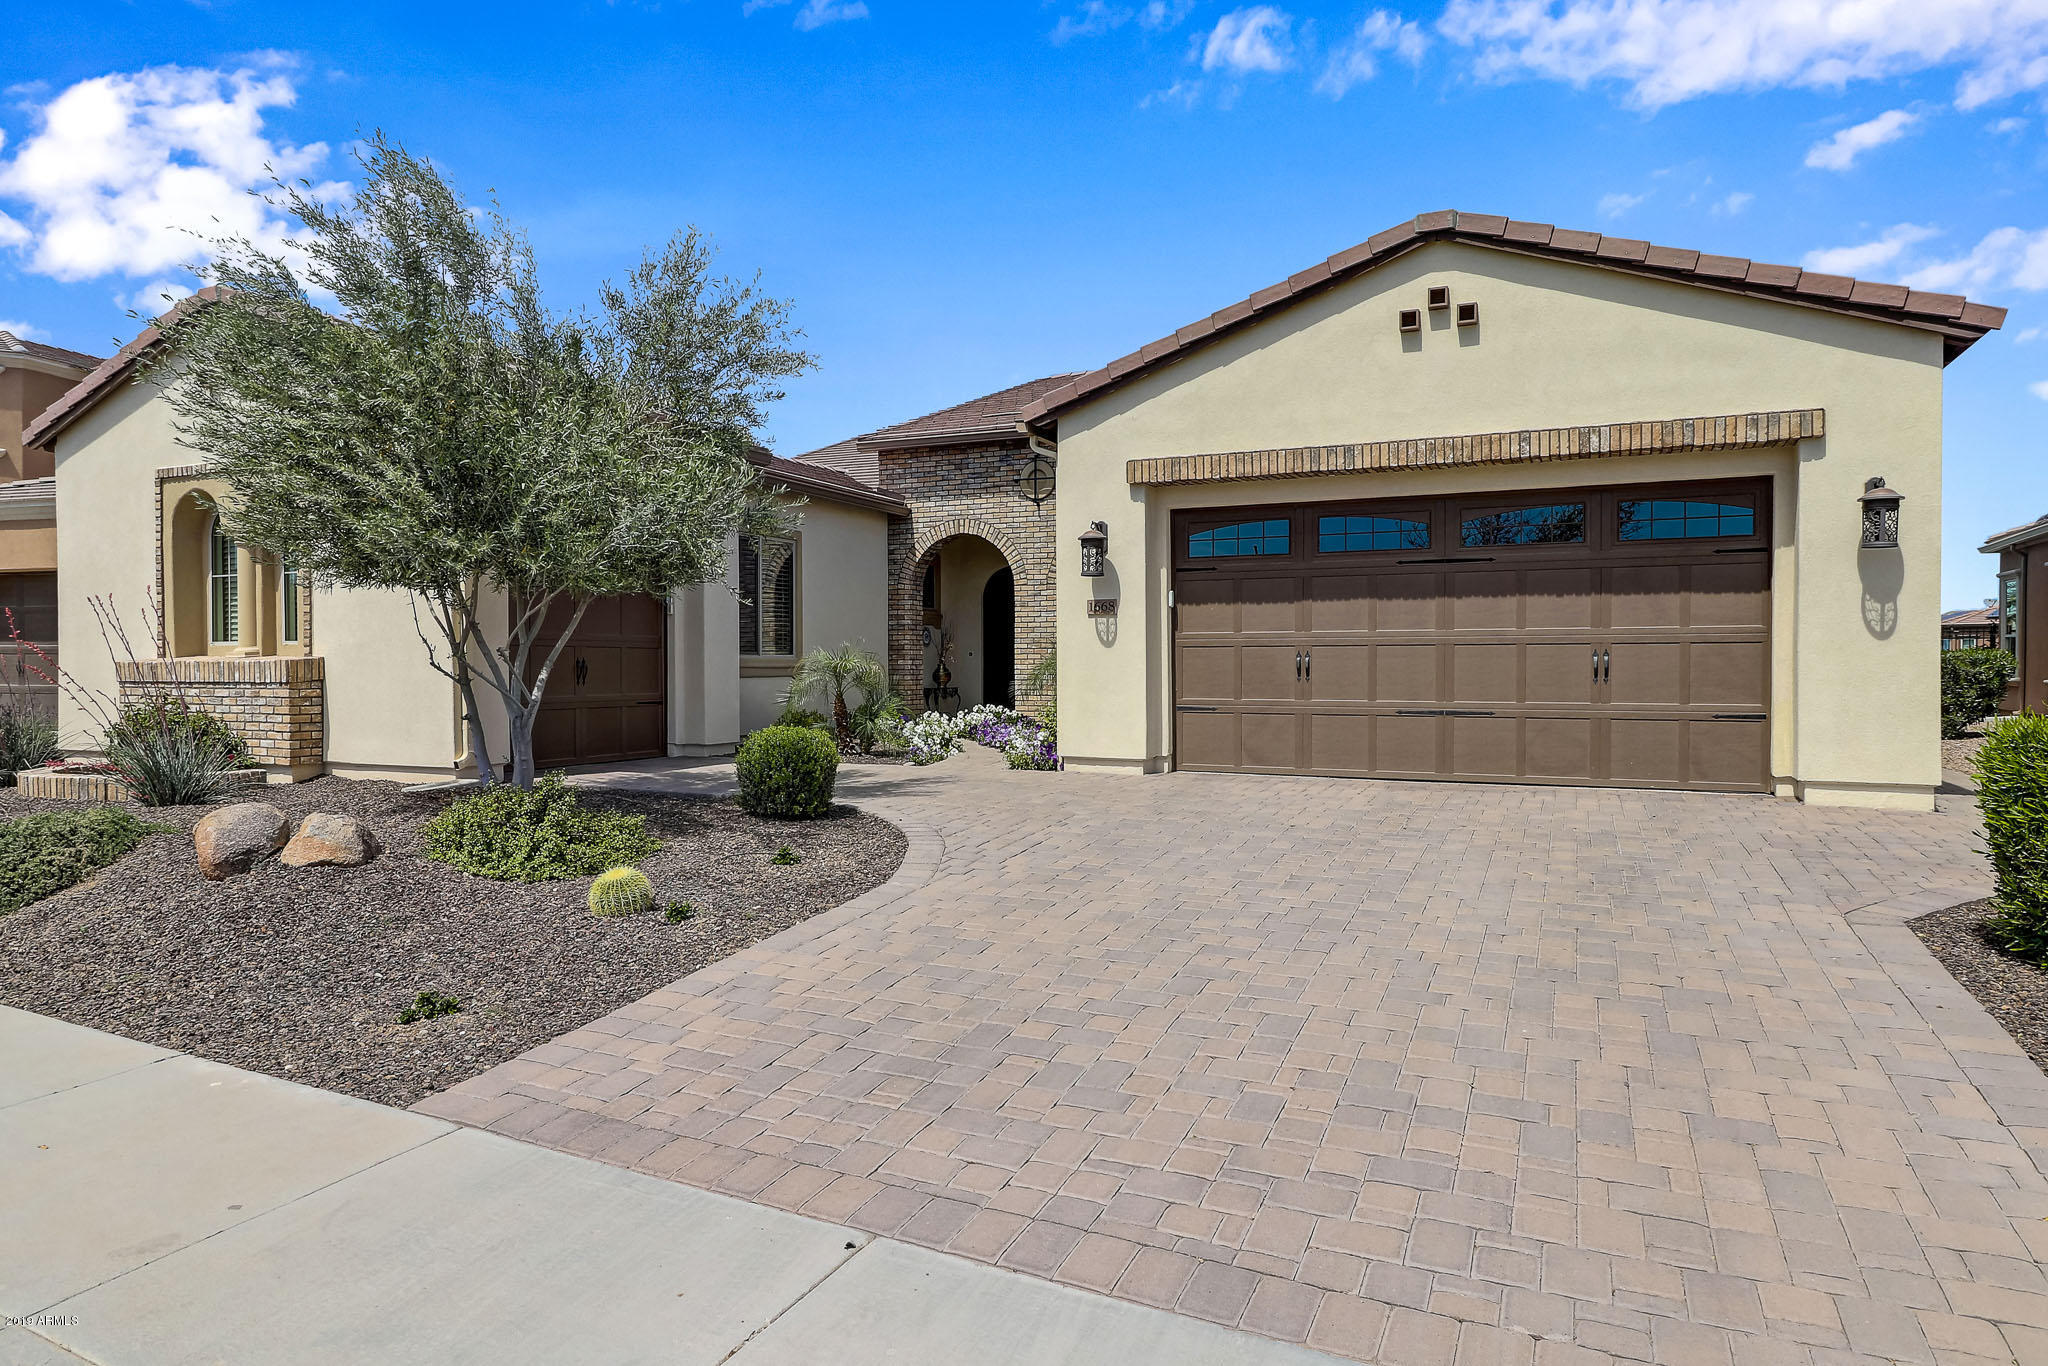 Photo of 1668 E VERDE Boulevard, San Tan Valley, AZ 85140